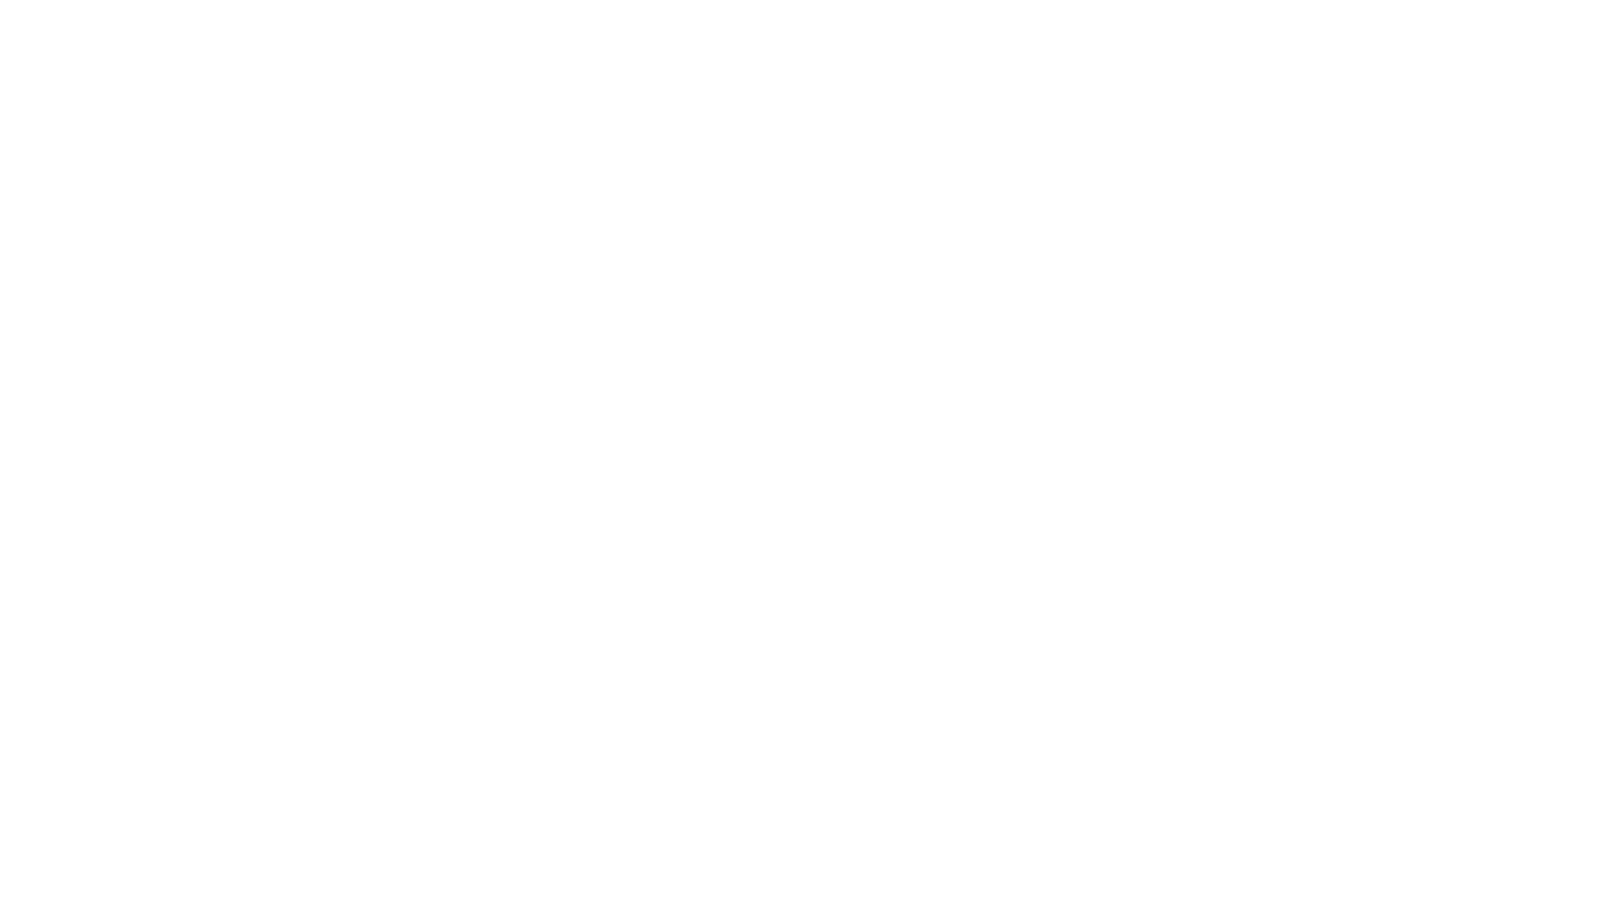 """Oficiální videoklip k písni Sesypej se do mě od kapely Náhodný Výběr. ---------------------------------------------------------------------------- Staň se součástí našeho Výběru:  ★ Web: https://www.nahodnyvyber.cz ★ FB: https://www.facebook.com/NahodnyVyber/ ★ IG: https://www.instagram.com/nahodnyvyber/ ★ YT: https://shorturl.at/eqwL4 ★ Spotify: https://sptfy.com/6kP9 ★ Bandzone: http://www.bandzone.cz/nahodnyvyber ---------------------------------------------------------------------------- Píseň najdeš také na:  ★ Spotify: https://sptfy.com/6kPb ★ Apple Music: https://shorturl.at/bgzL6 a dalších platformách ----------------------------------------------------------------------------- YouTube:  Všechny videoklipy zde: https://shorturl.at/afoDY Odebíraj Náhodný Výběr: https://shorturl.at/anpK2 ----------------------------------------------------------------------------- V hlavní roli: Katka Janečková Zvuk a produkce: Thom Fröde, Studio """"I"""" Režie a natáčení klipu: Michal Skořepa ---------------------------------------------------------------------------- BOOKING KONCERTŮ Richard Harri Harušťák tel.: 725 511 451 email: info@nahodnyvyber.cz   Speciální poděkování táborskému hotelu Palcát.  #nahodnyvyber #sesypejsedome #poprock #videoklip"""